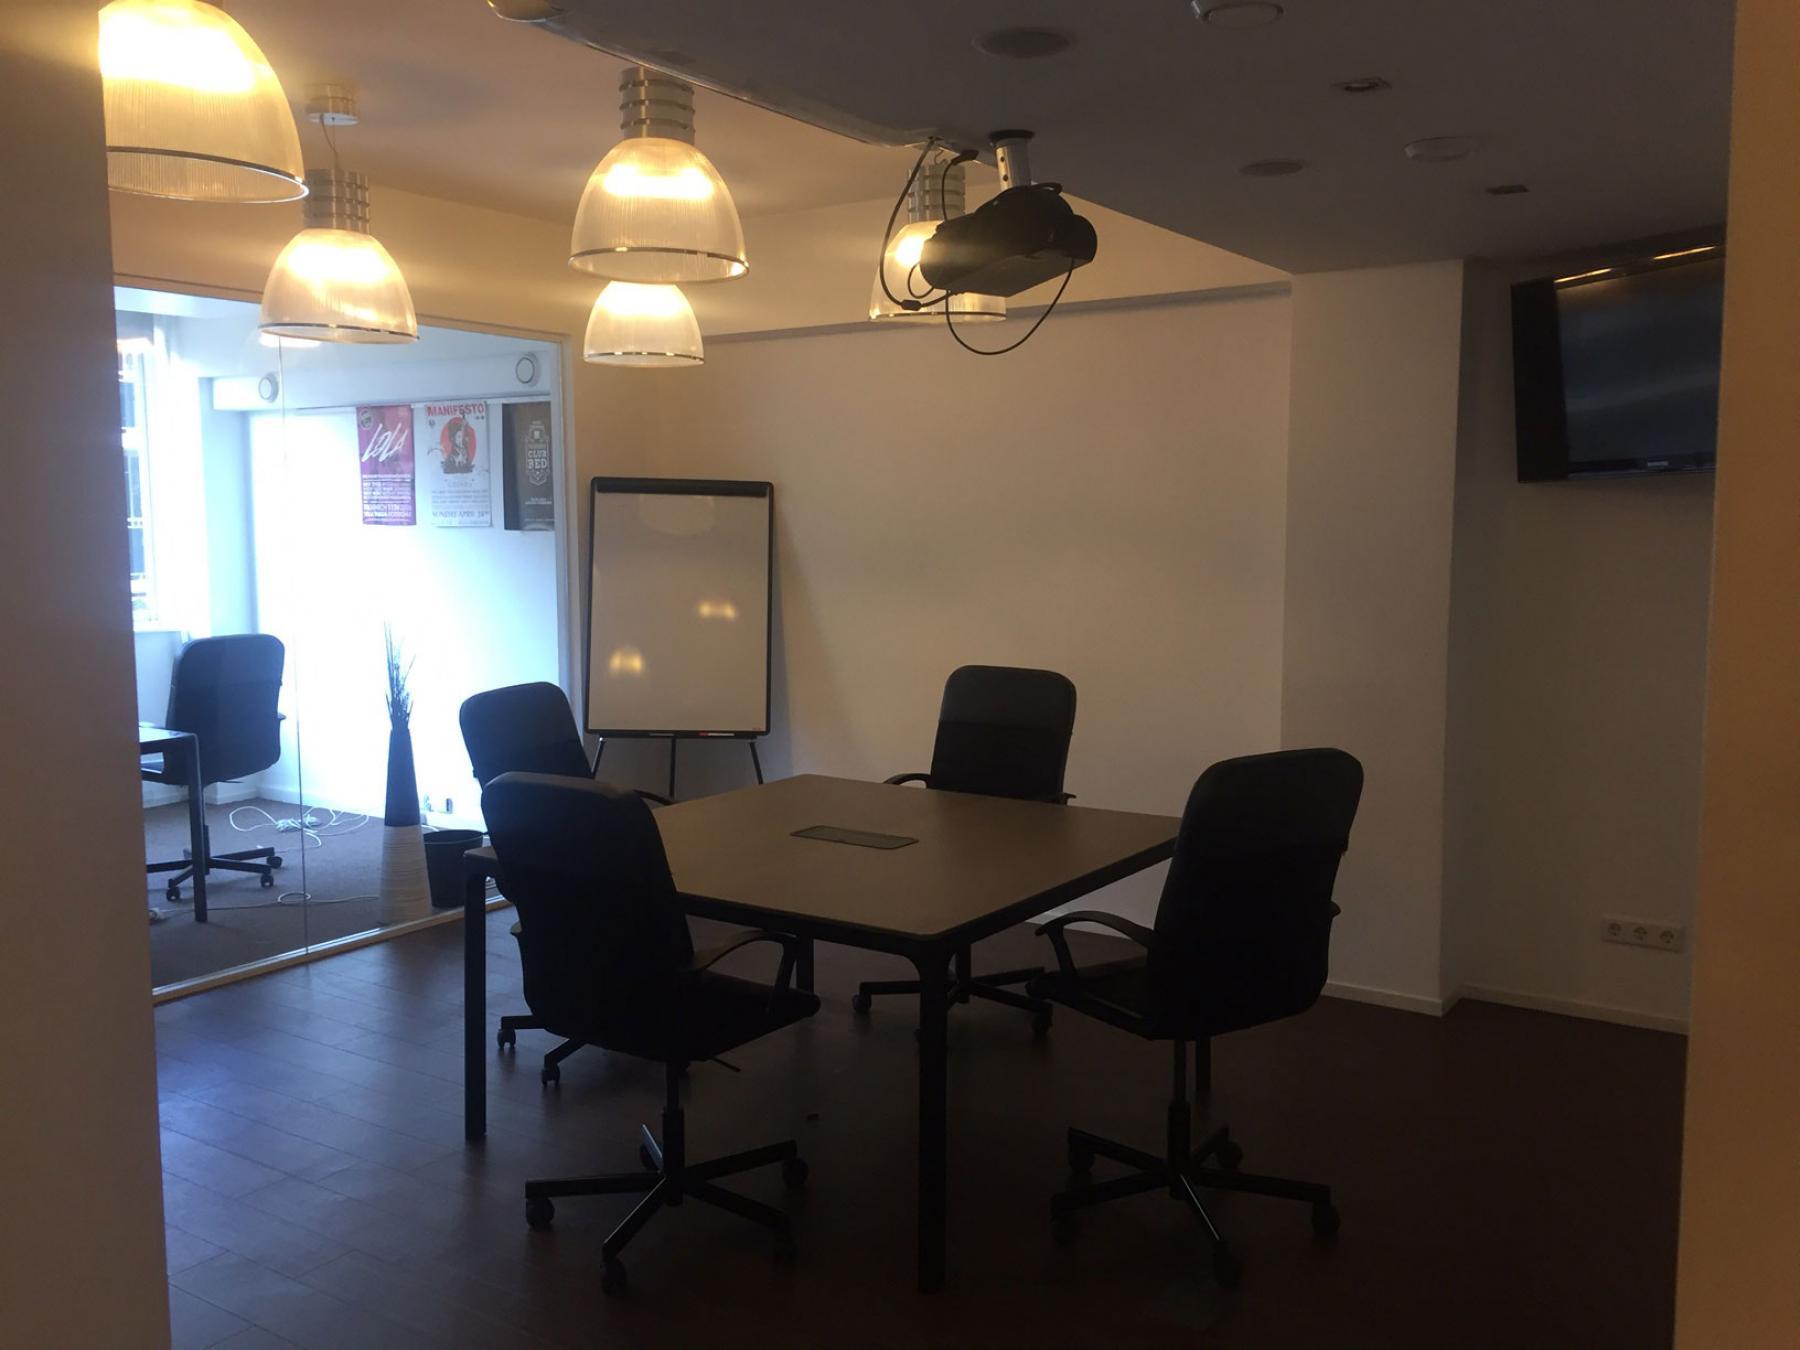 vergaderruimte klein whiteboard Walenburgerweg Rotterdam